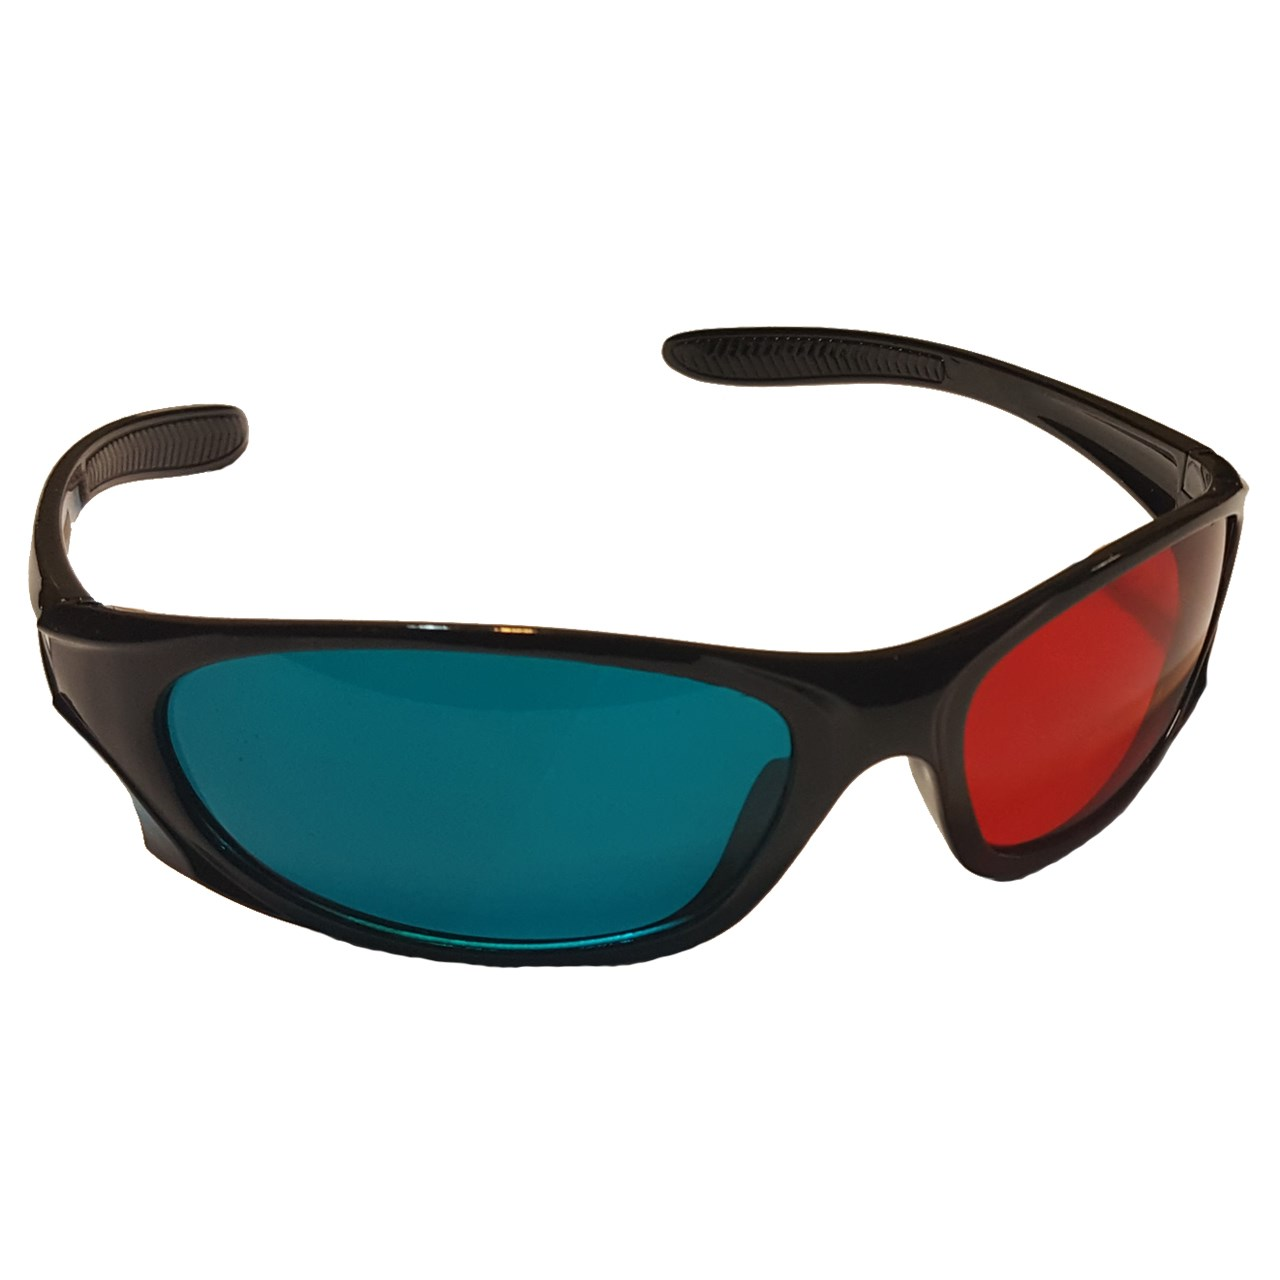 عینک سه بعدی پسیو مدل i3d مشکی